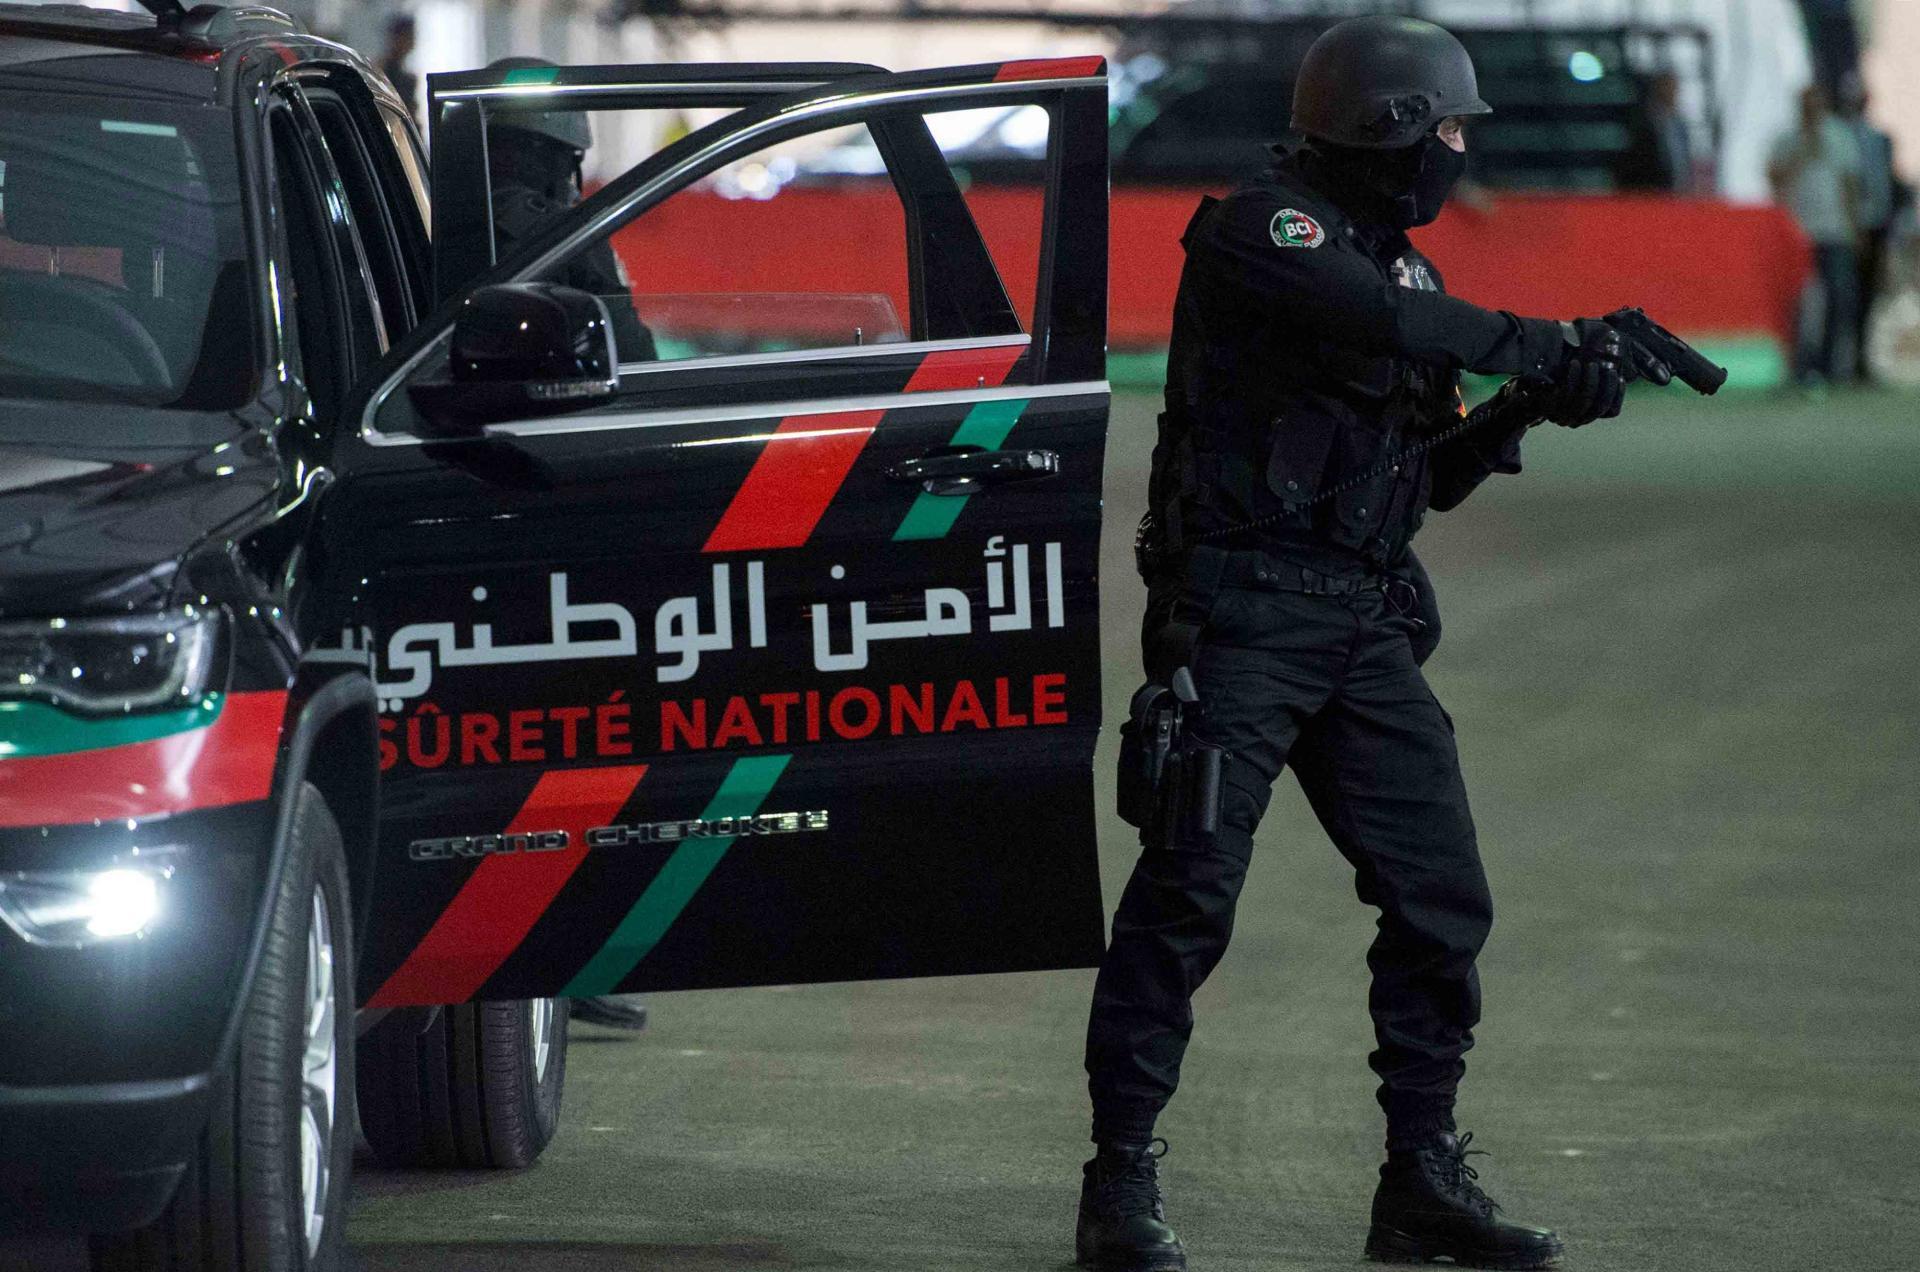 الأمن المغربي دائما في الموعد… وعي باللحظة وقرب من نبض الشارع